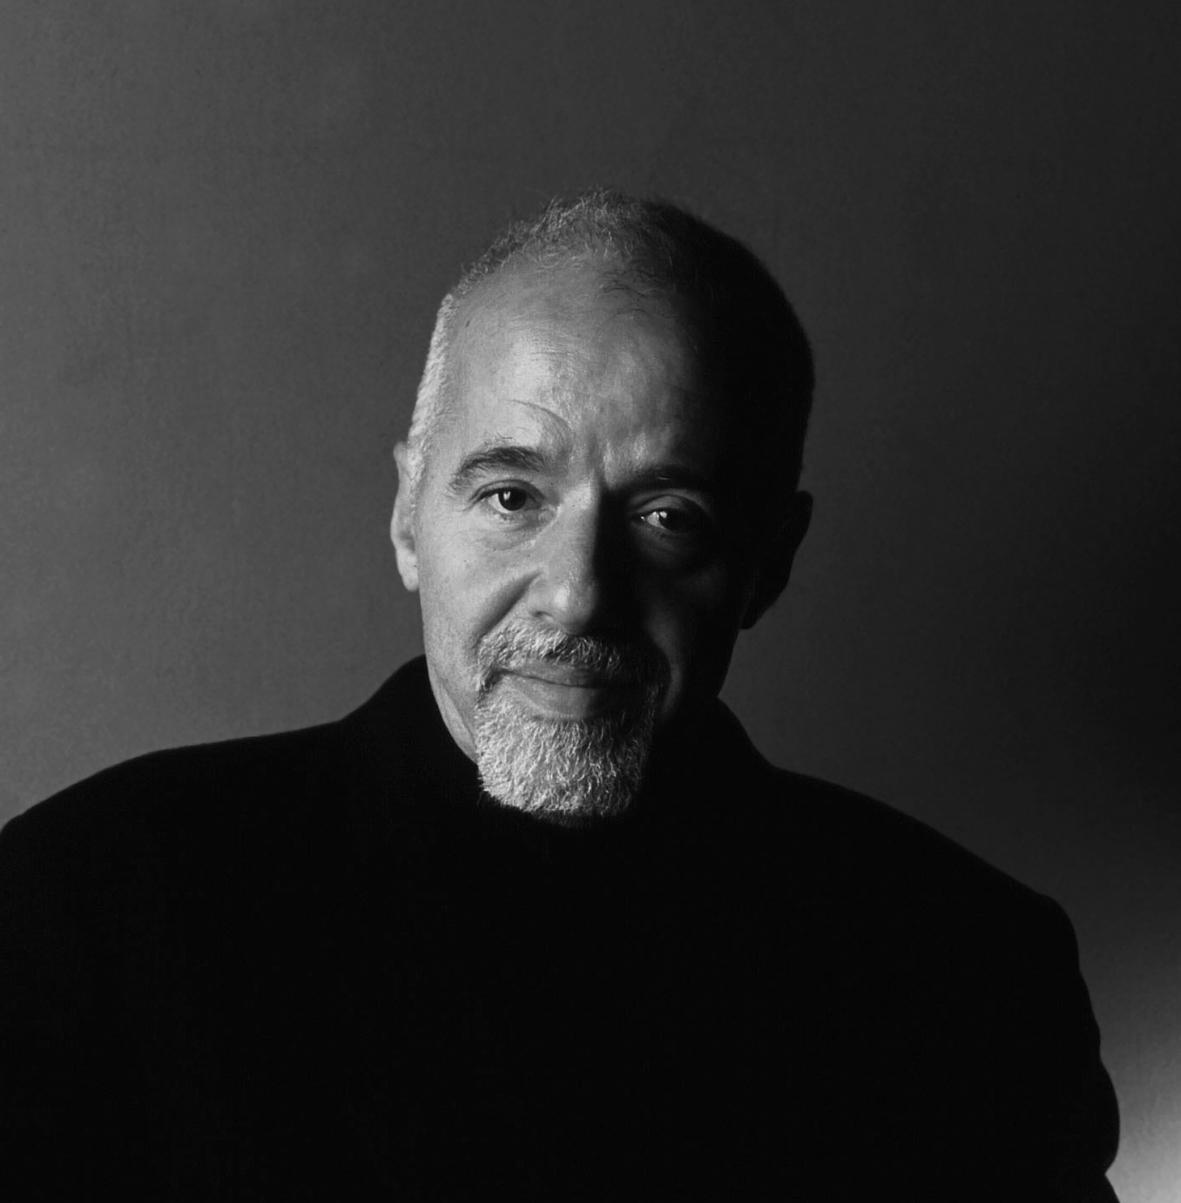 Paulo Coelho Net Worth